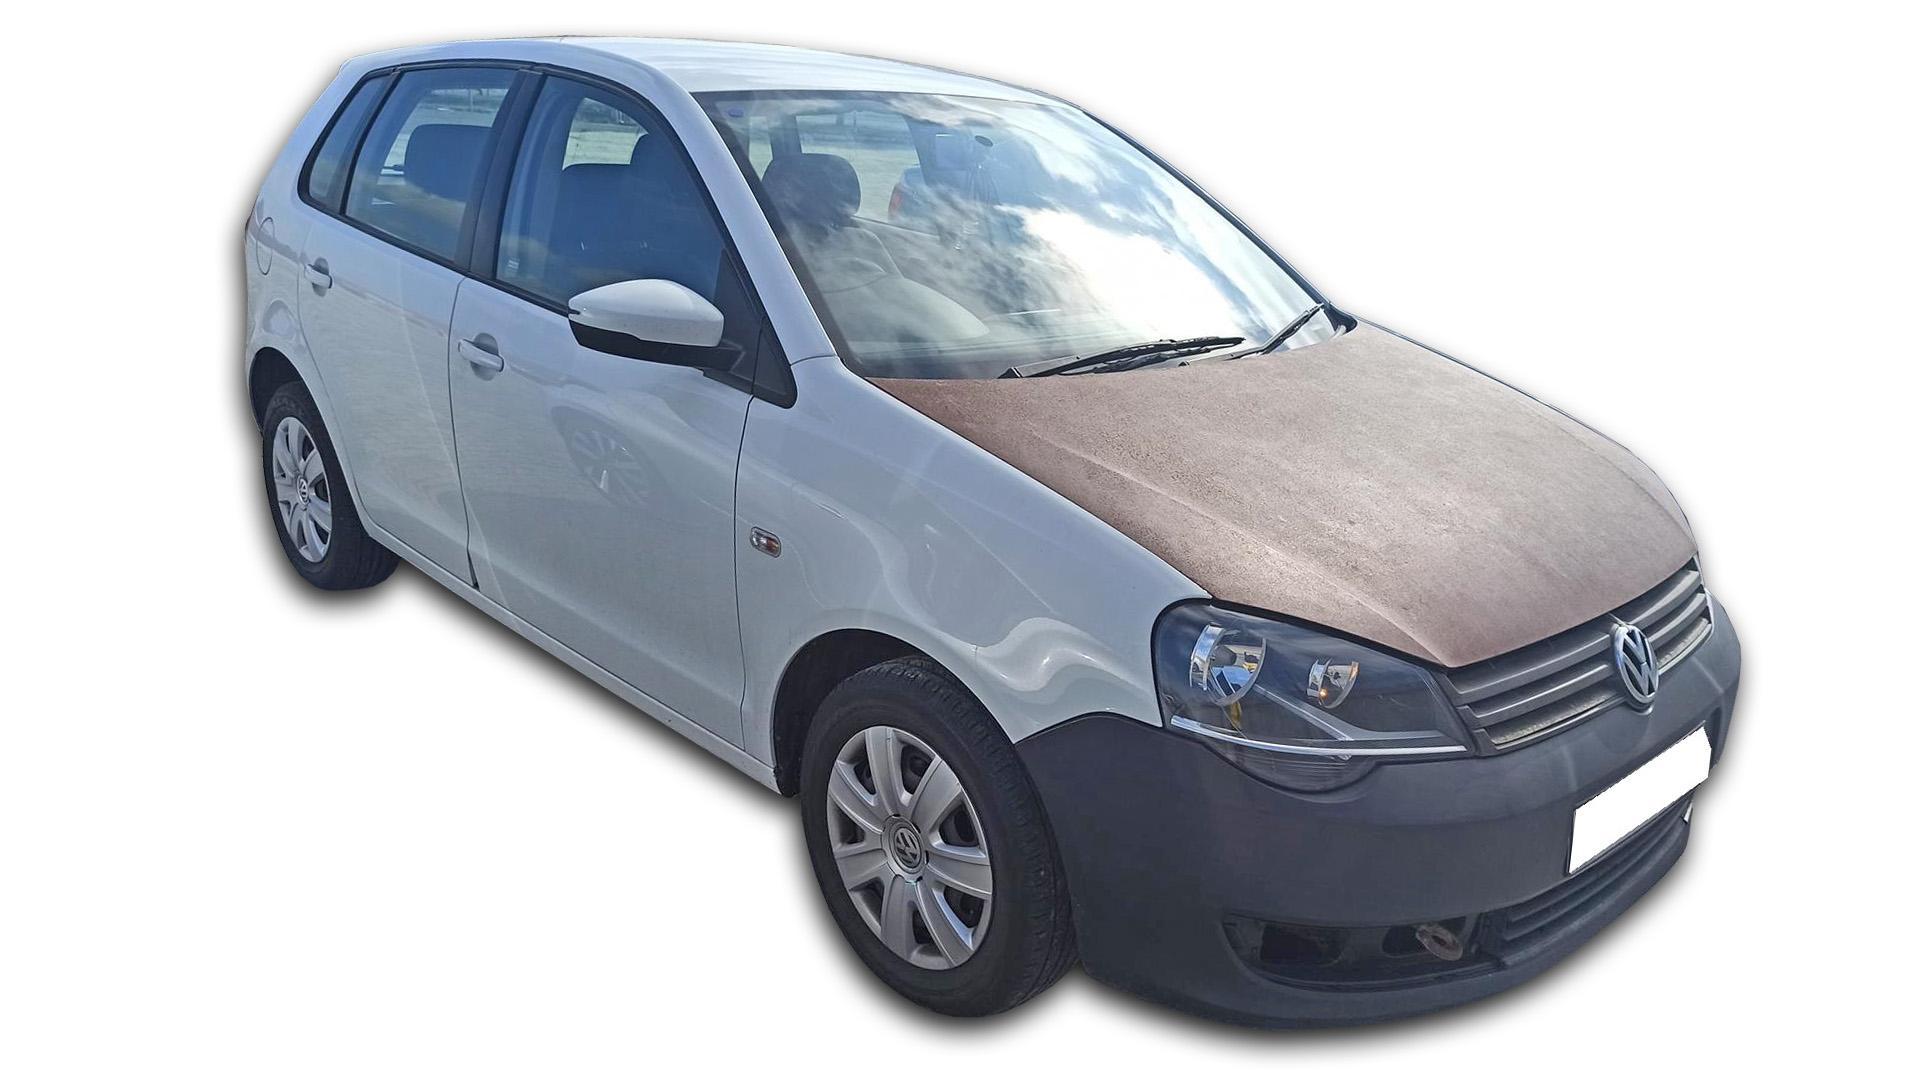 VW Polo Vivo GP 1.4 TR